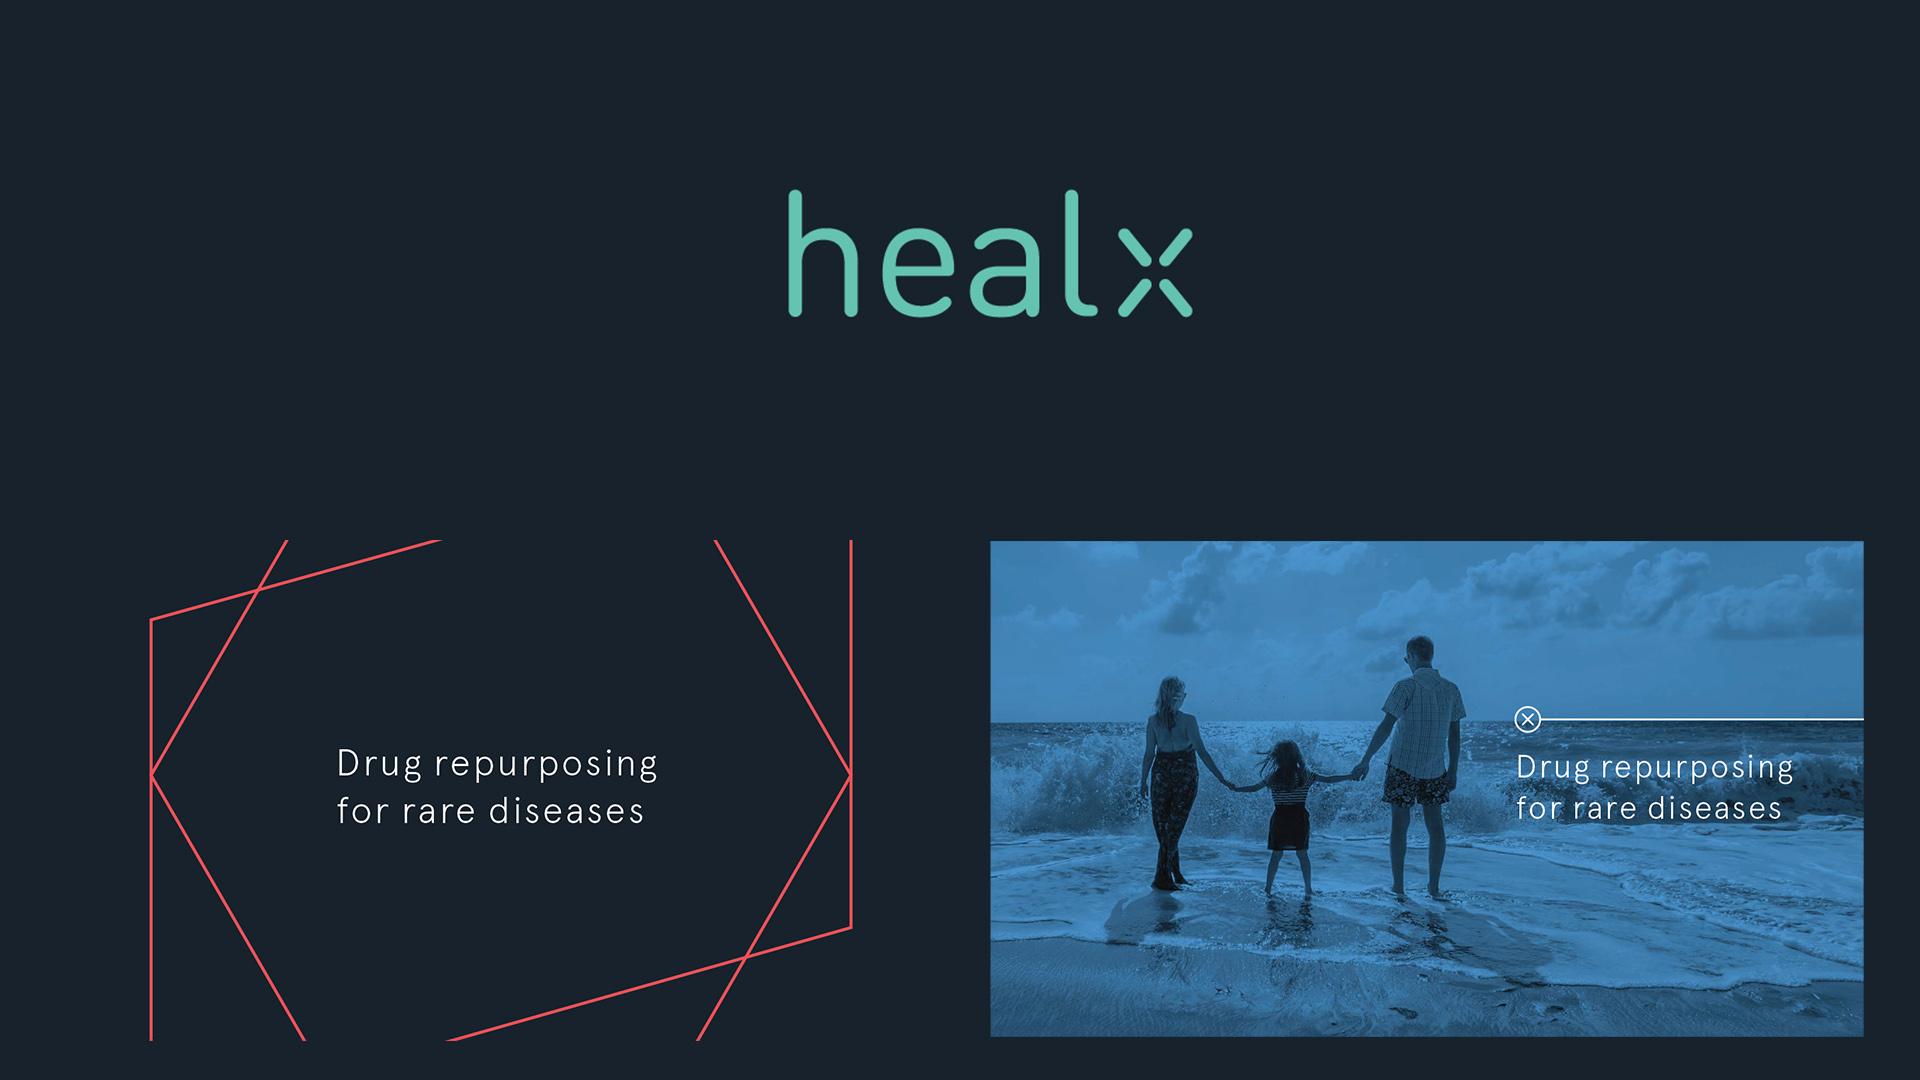 healx1.jpg